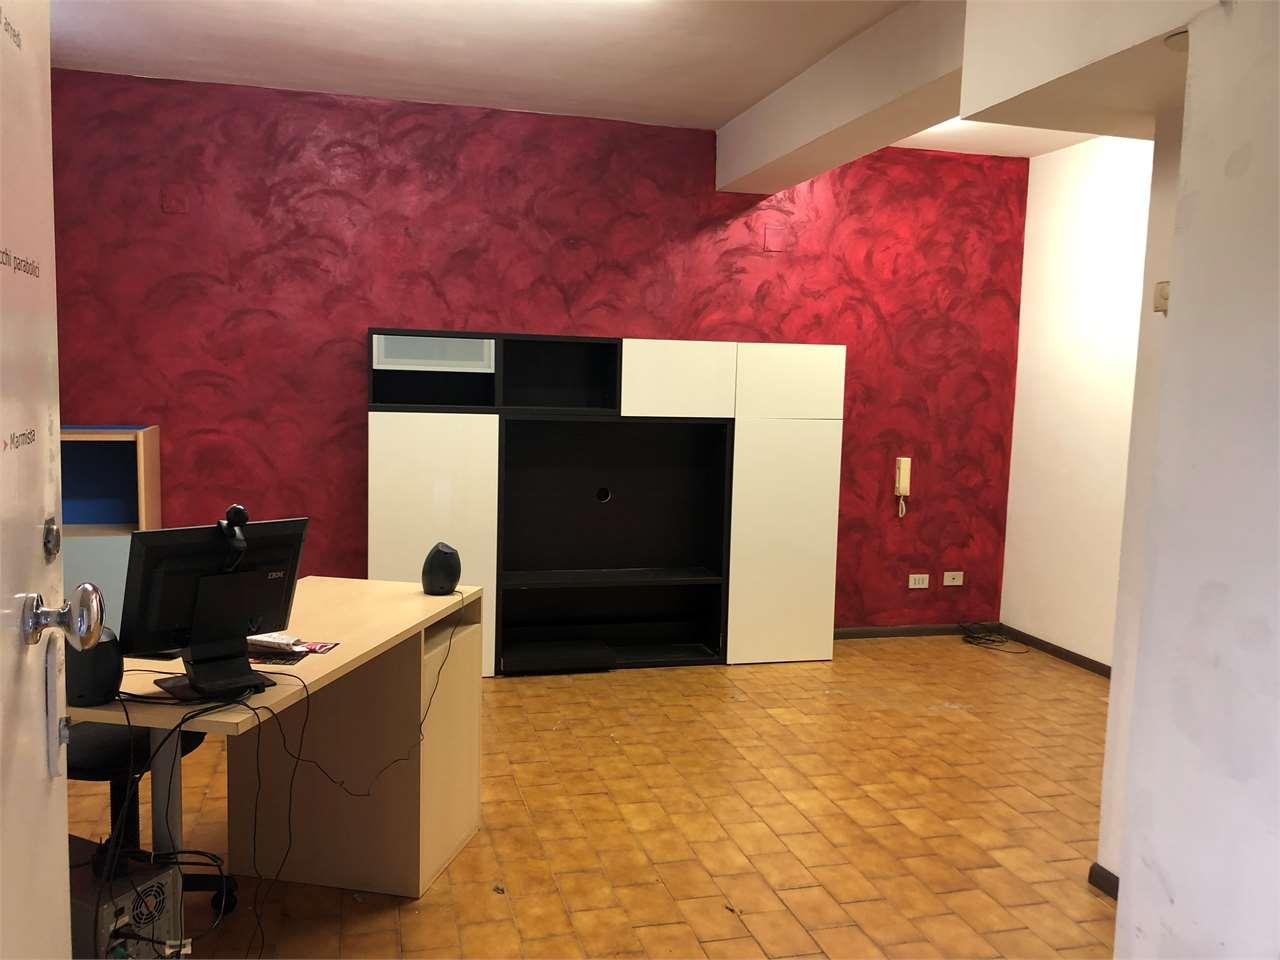 Magazzino in vendita a Trieste, 2 locali, zona Zona: Centro, prezzo € 95.000   CambioCasa.it